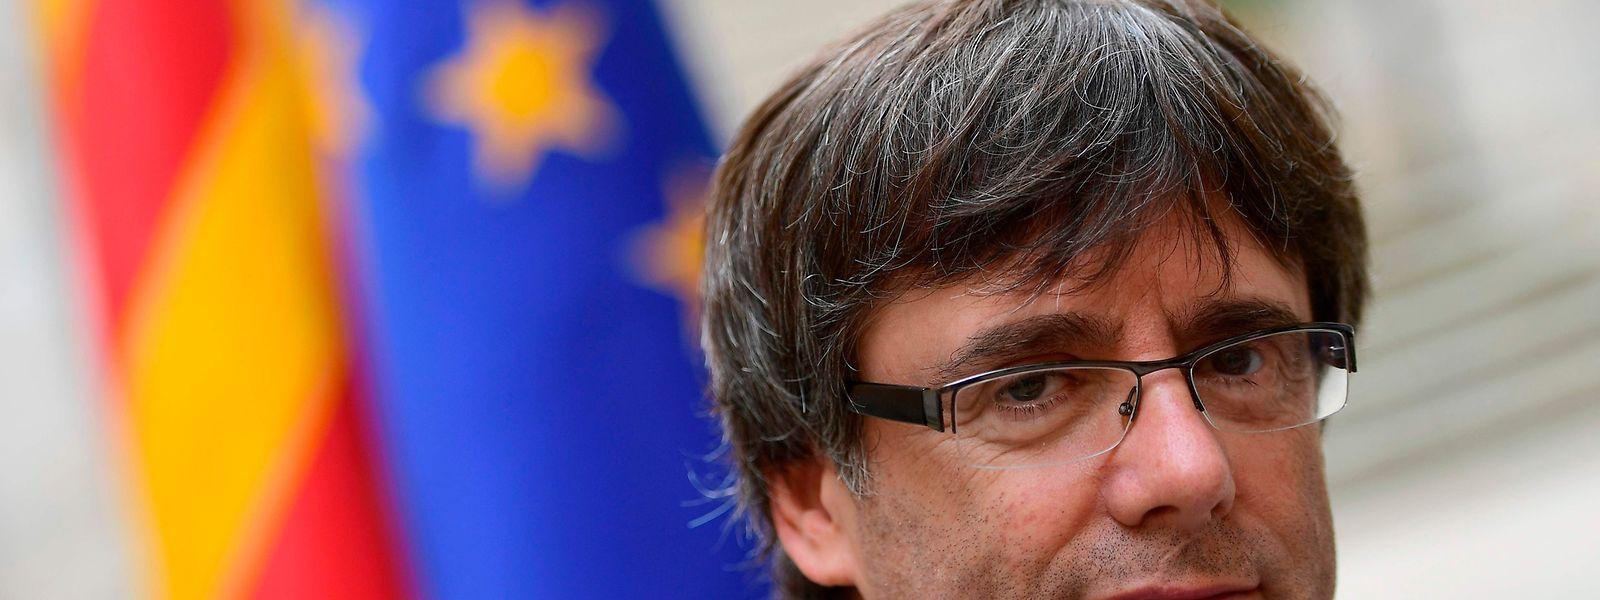 Carles Puigdemont ist nach Belgien geflohen.